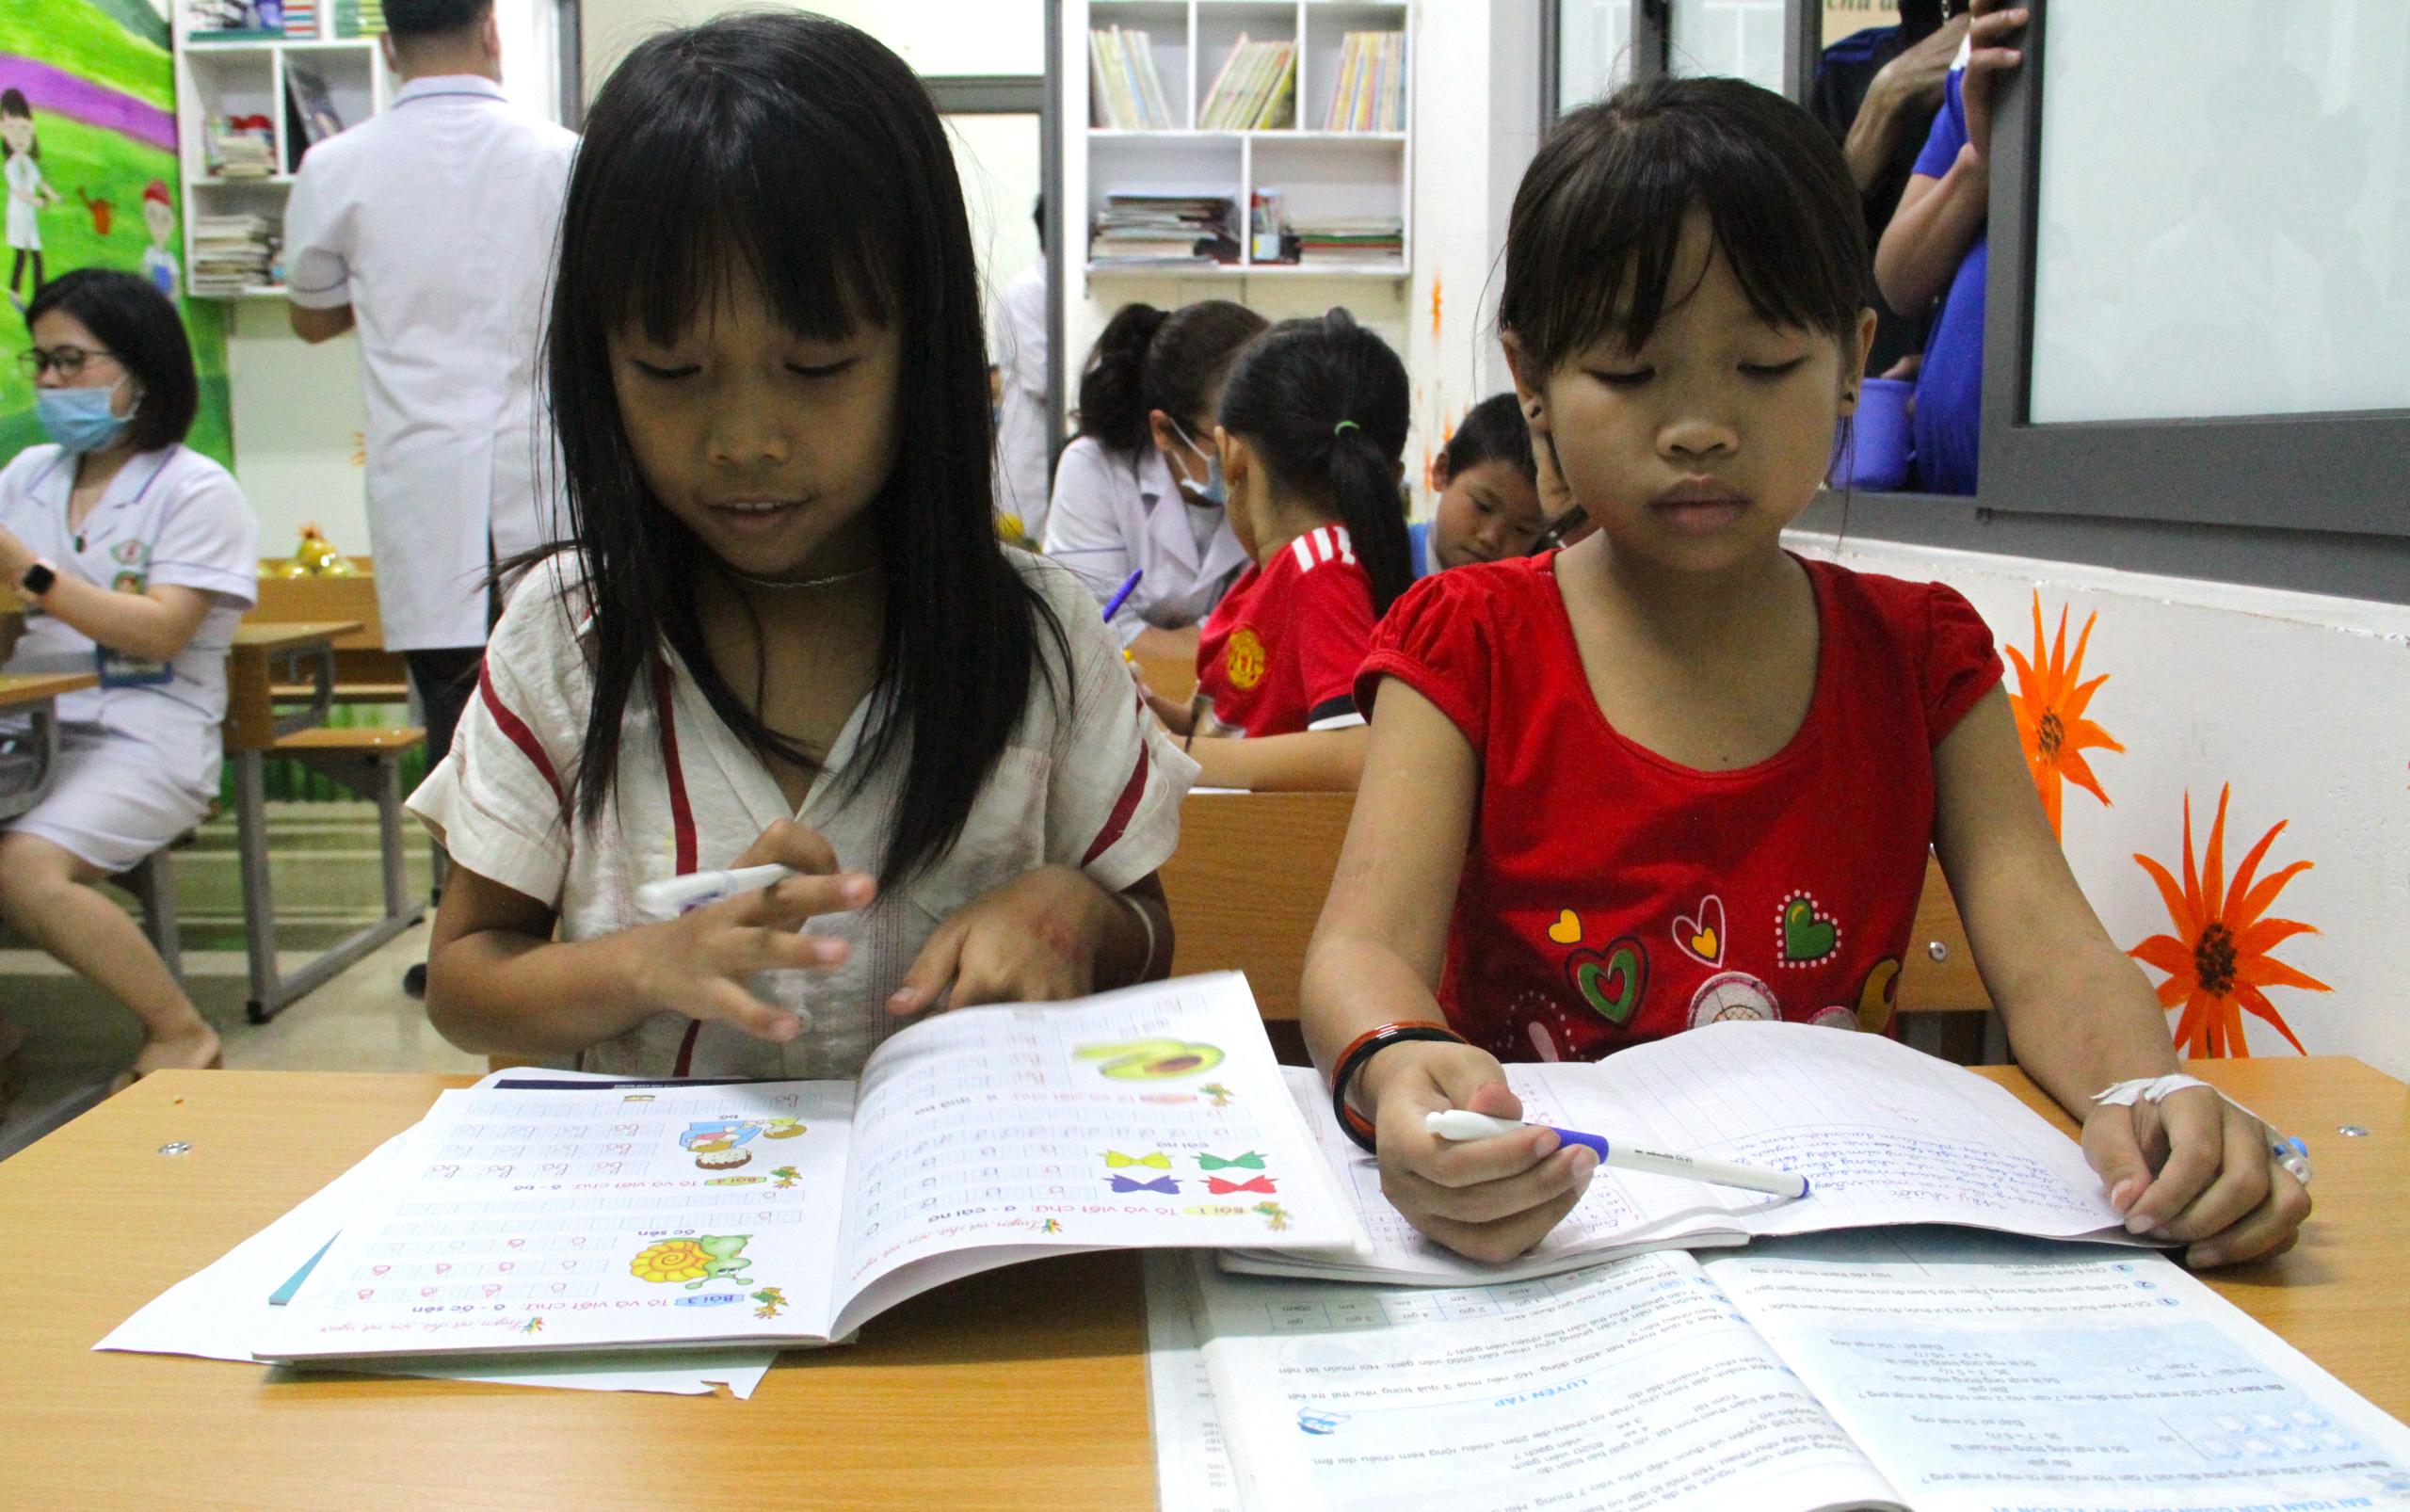 Lớp học đặc biệt trong trung tâm truyền máu, thầy cô là những người khoác áo blouse trắng - Ảnh 7.